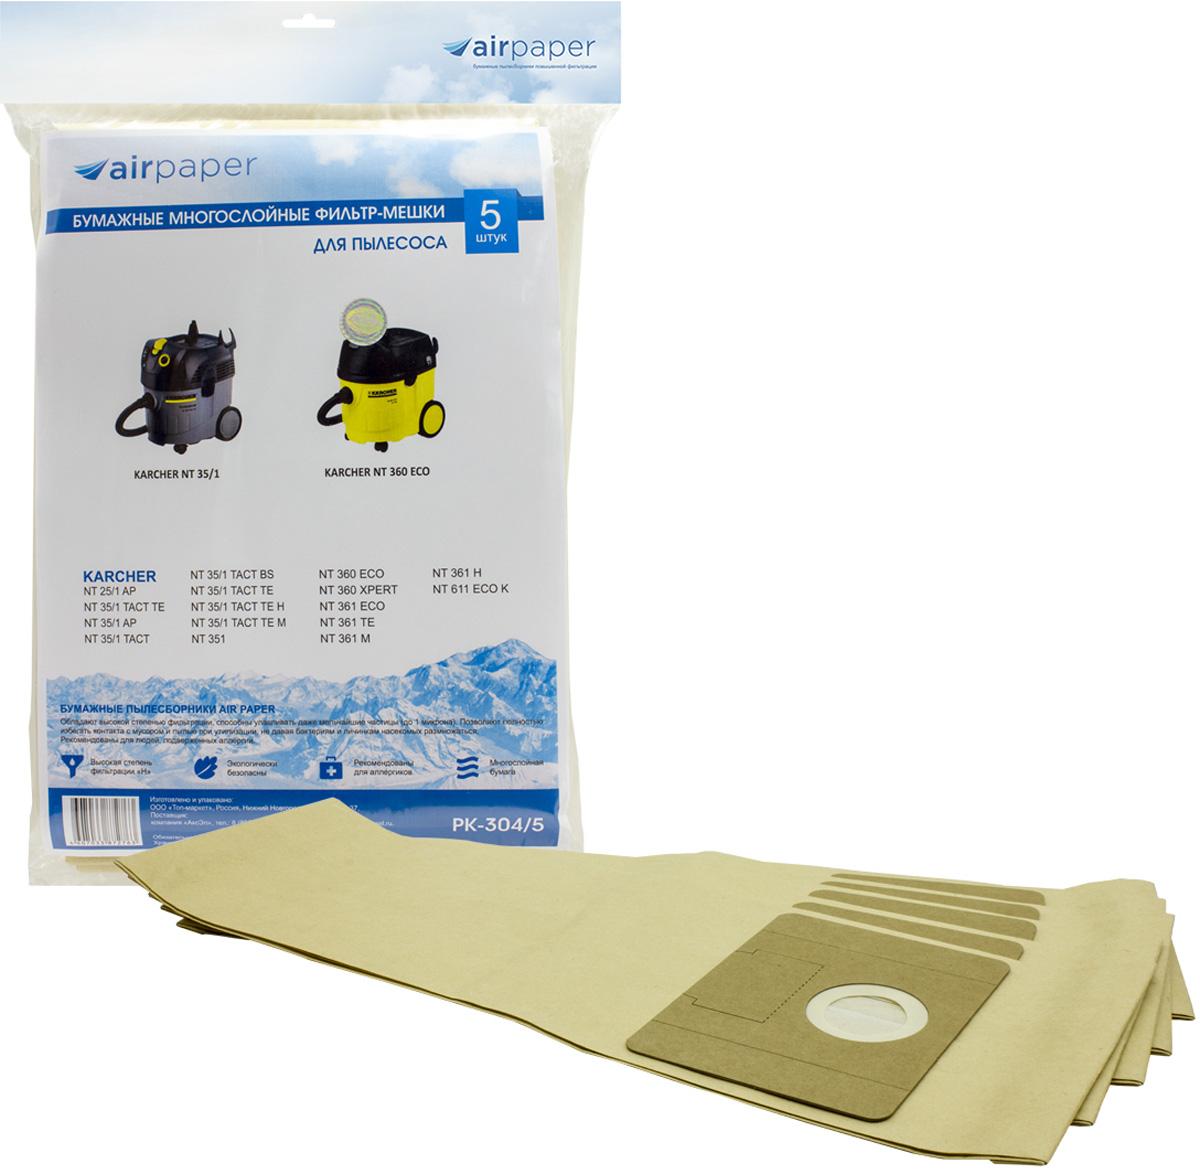 AIR Paper РК-304/5 пылесборники для пылесоса KARCHER, 5 шт karcher 69042570 фильтр для rc 3000 4000 5 шт